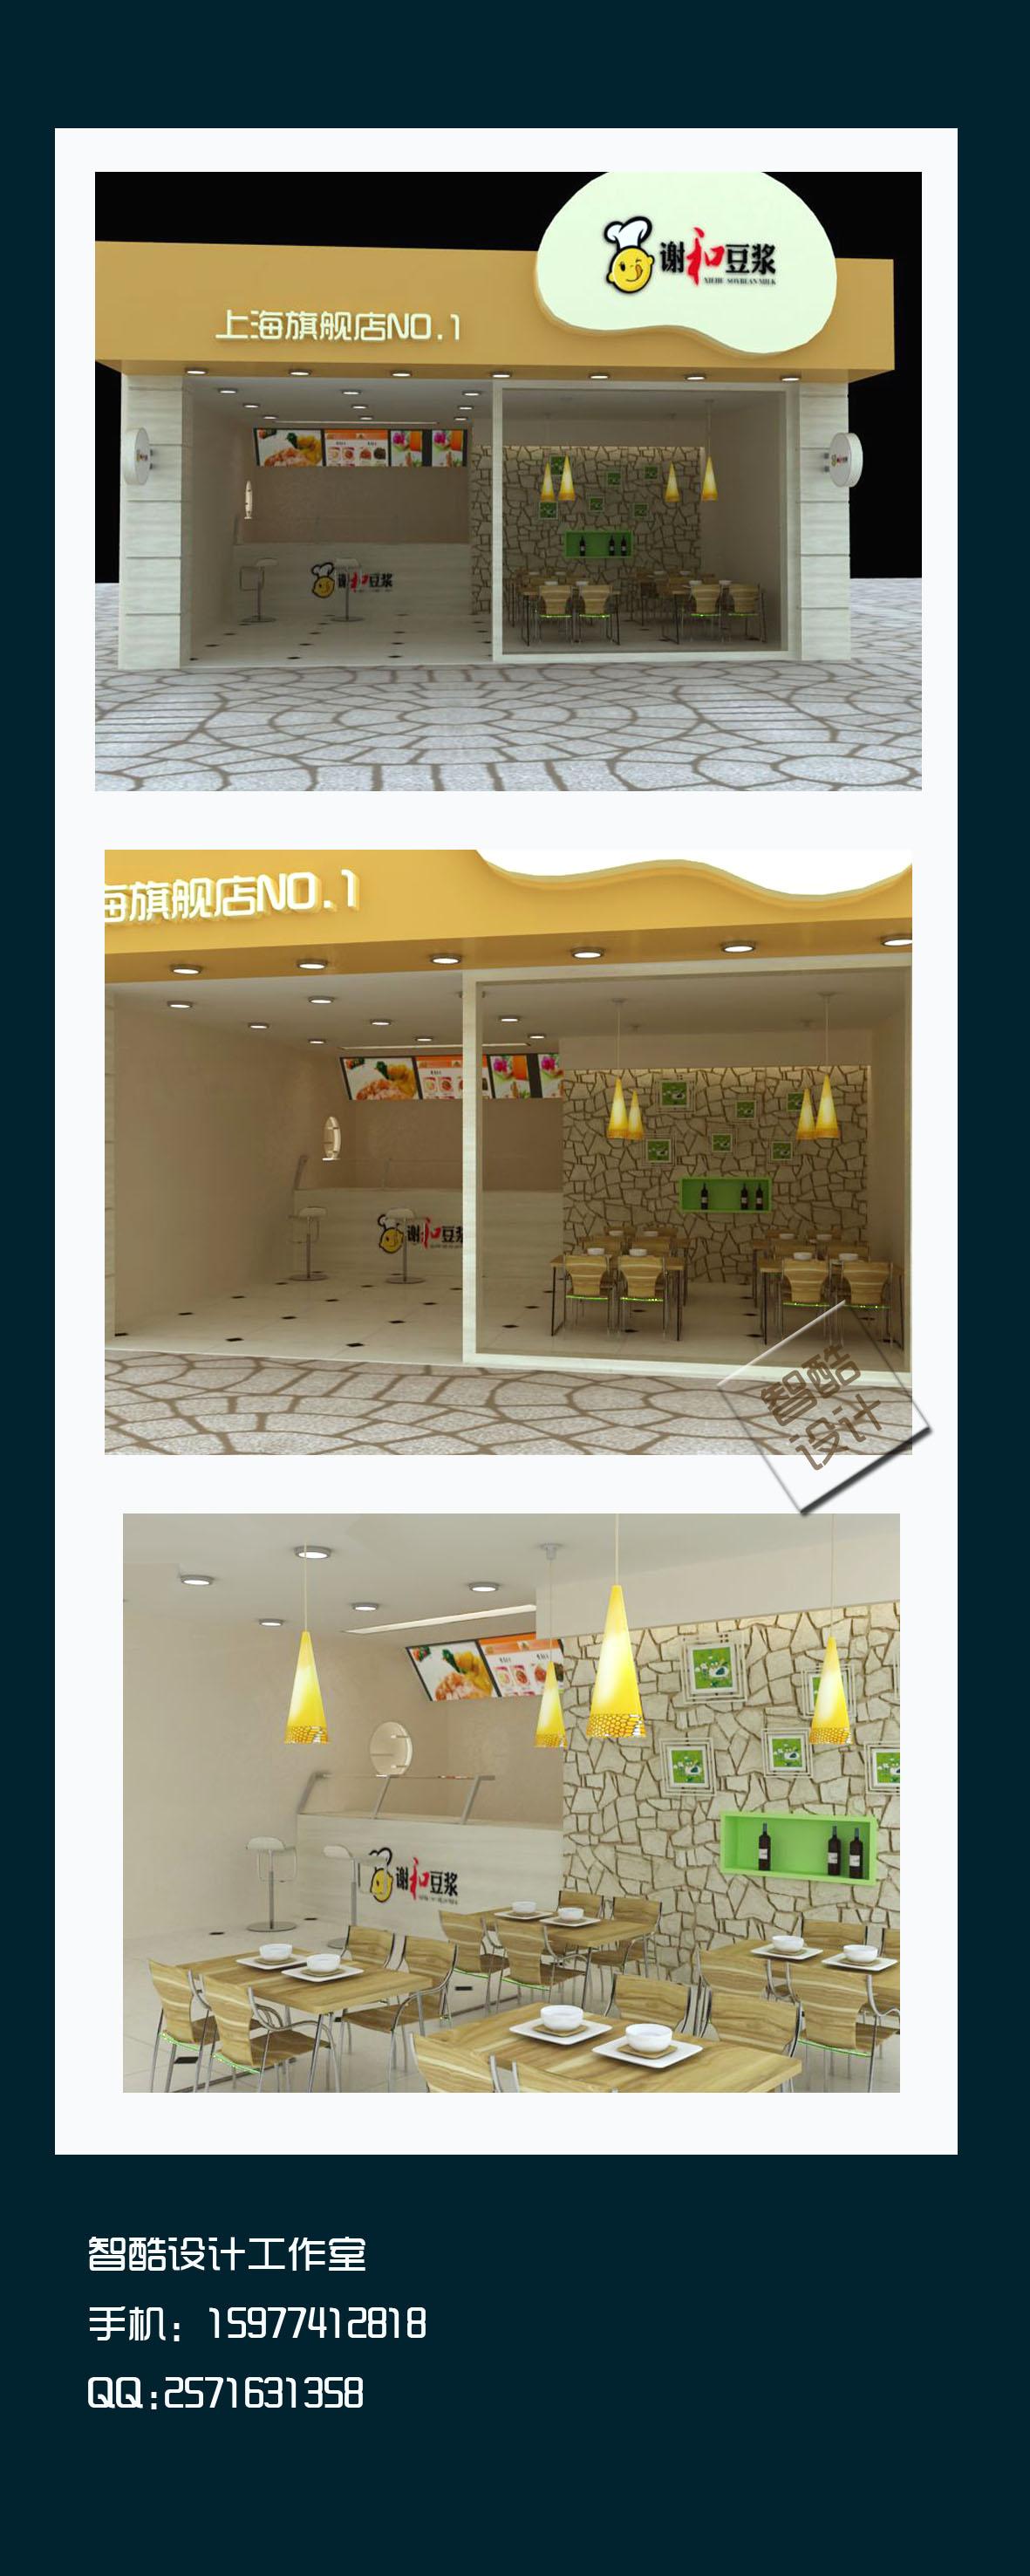 中式快餐連鎖征集店面設計